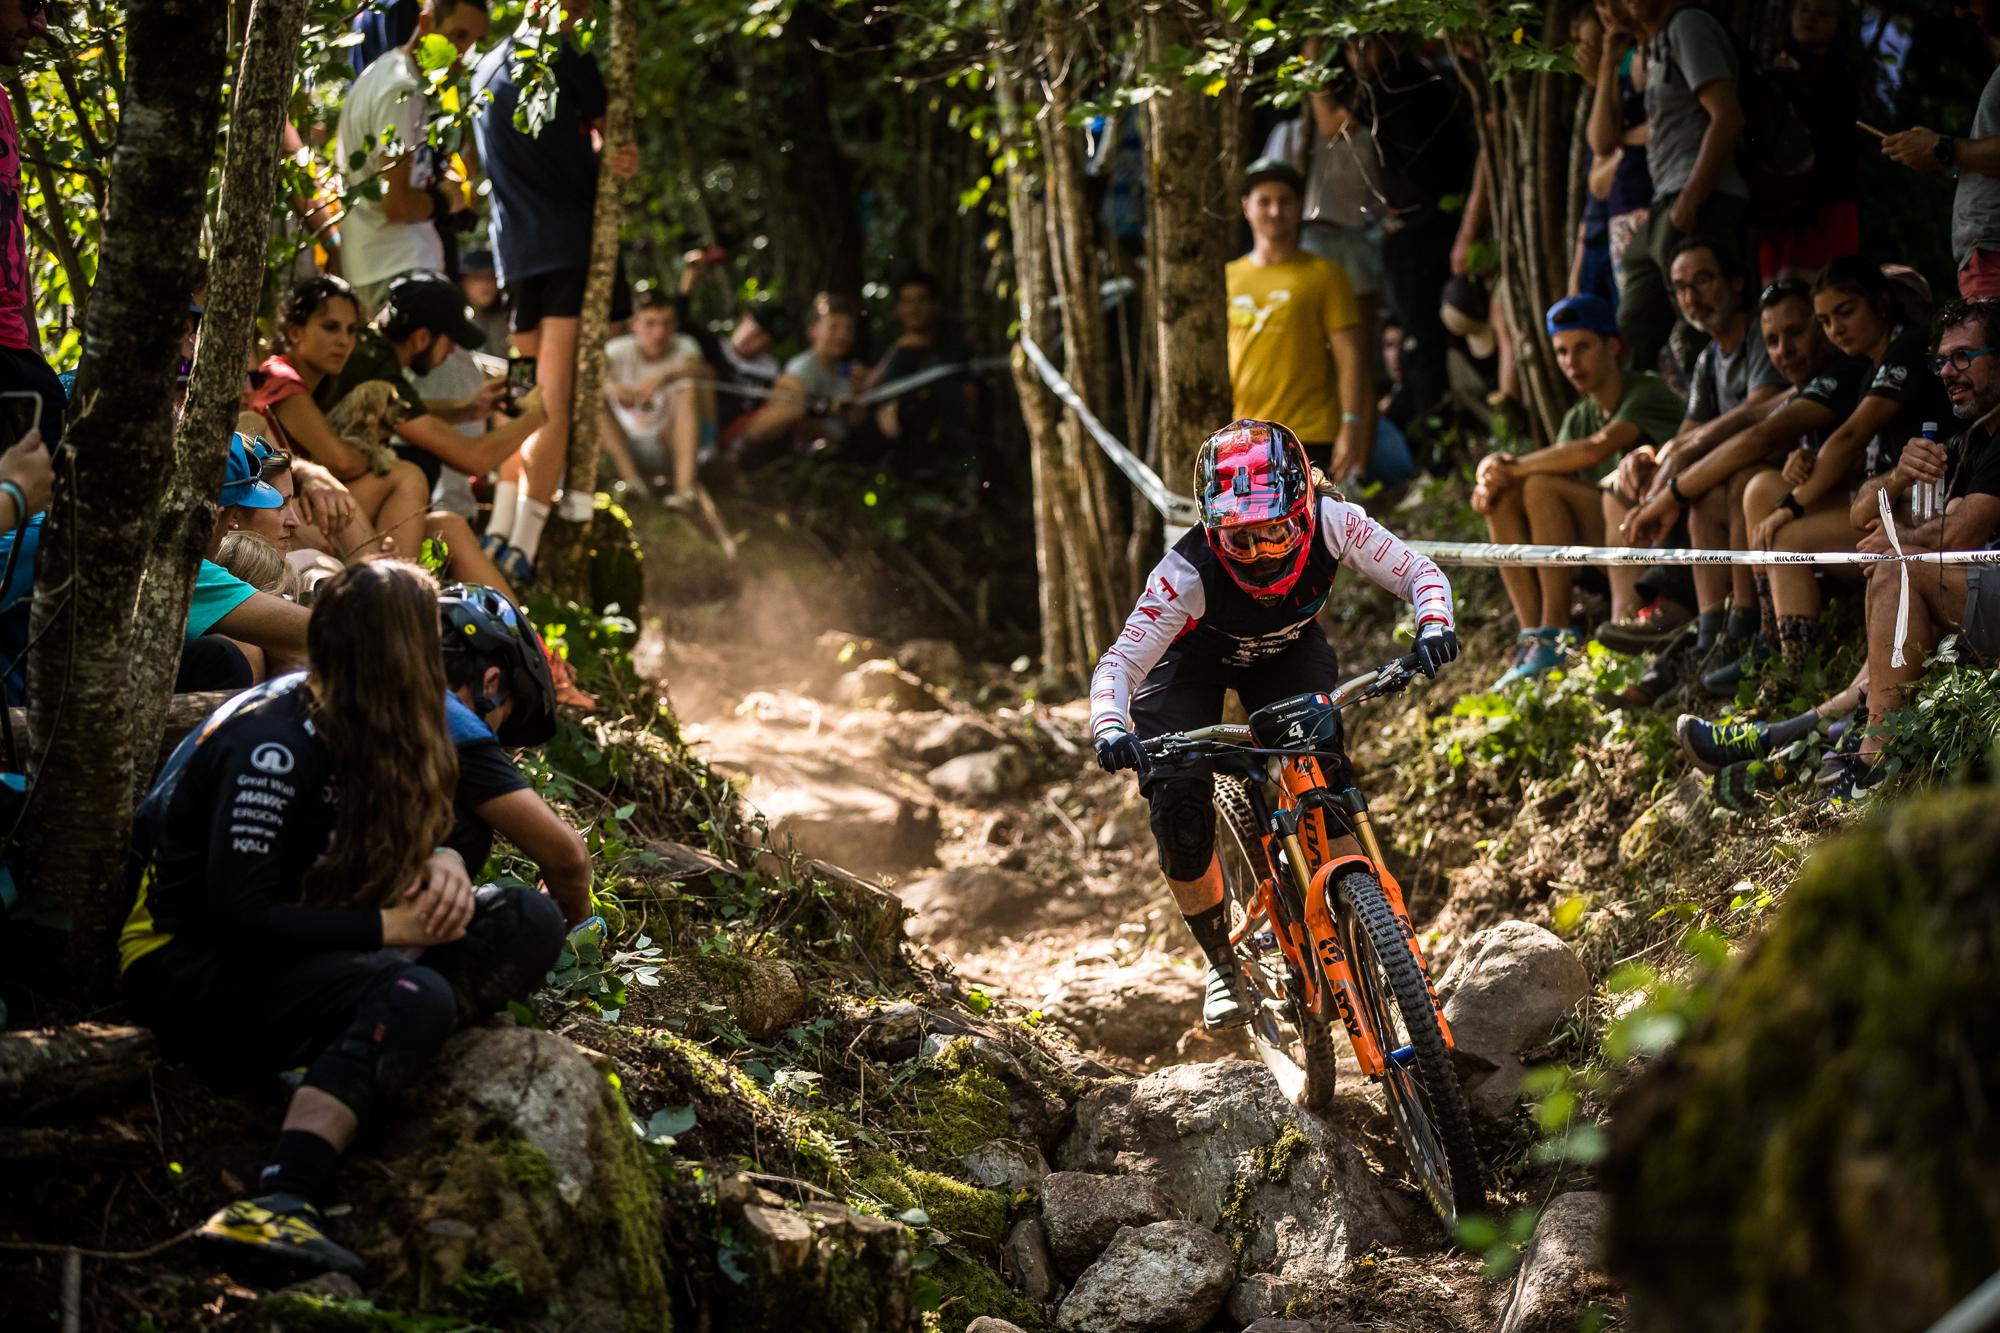 Pivot rider going through a rock garden